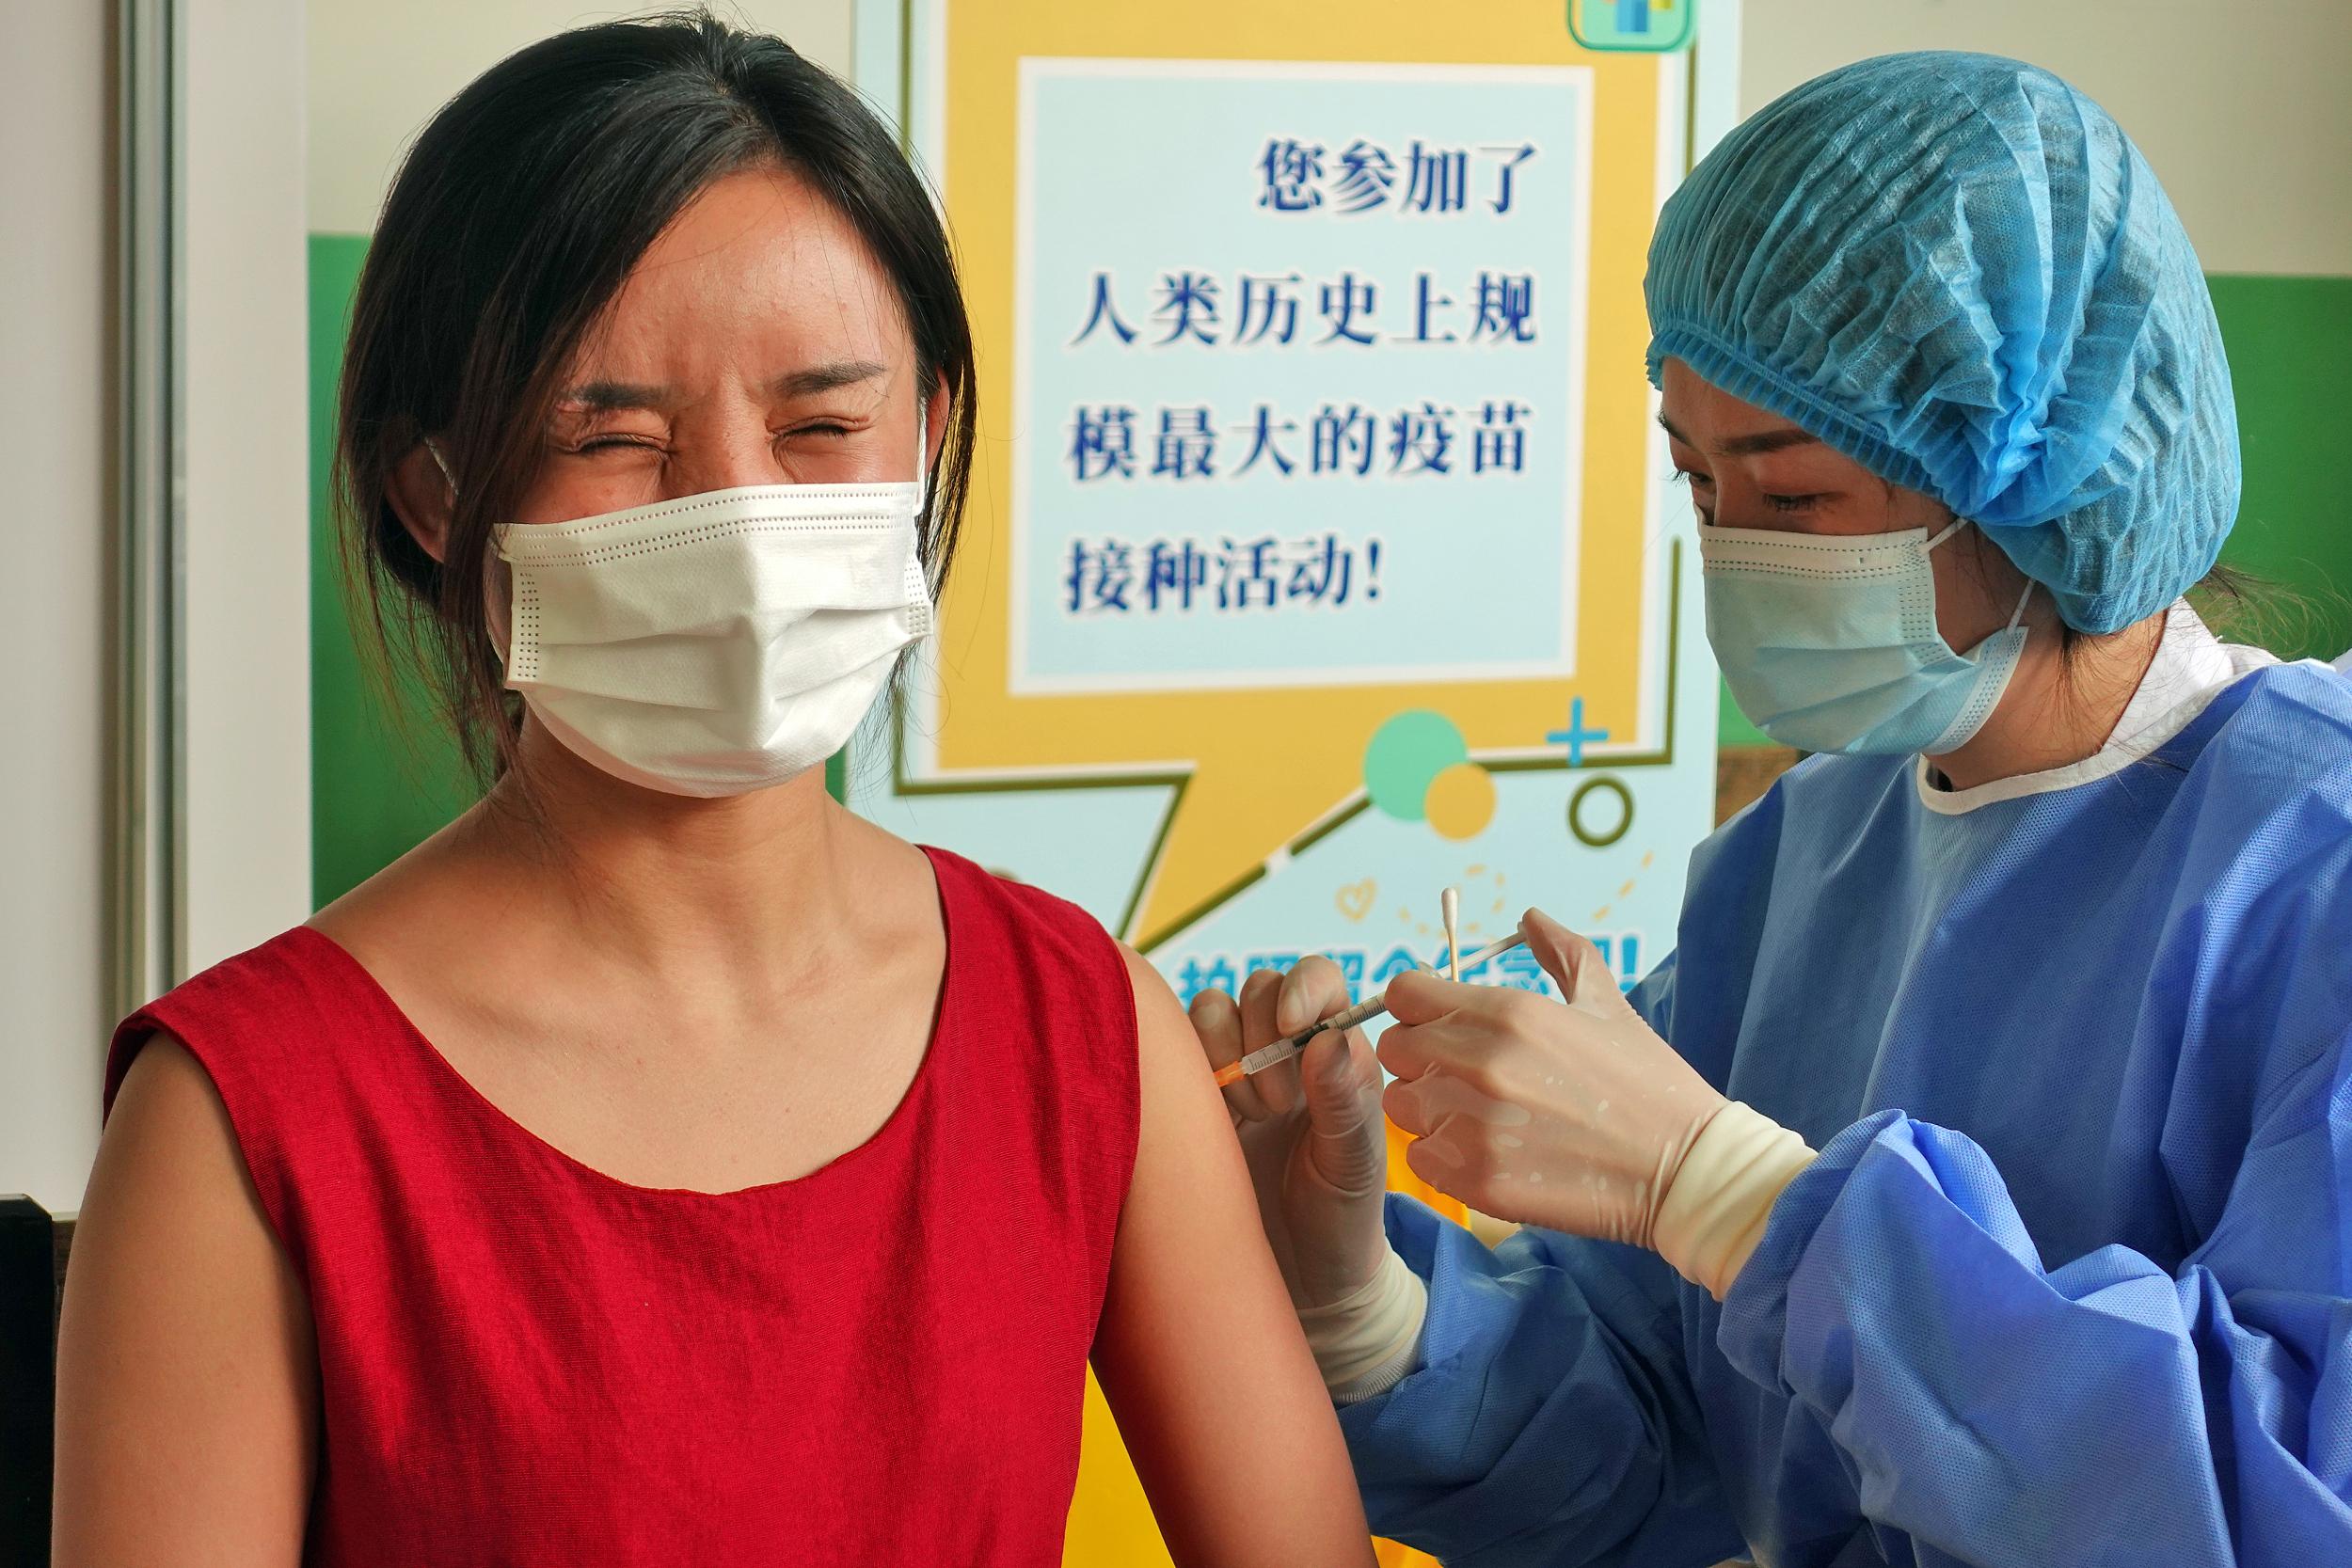 全国新冠疫苗接种剂次超14亿!山东突破1亿剂次